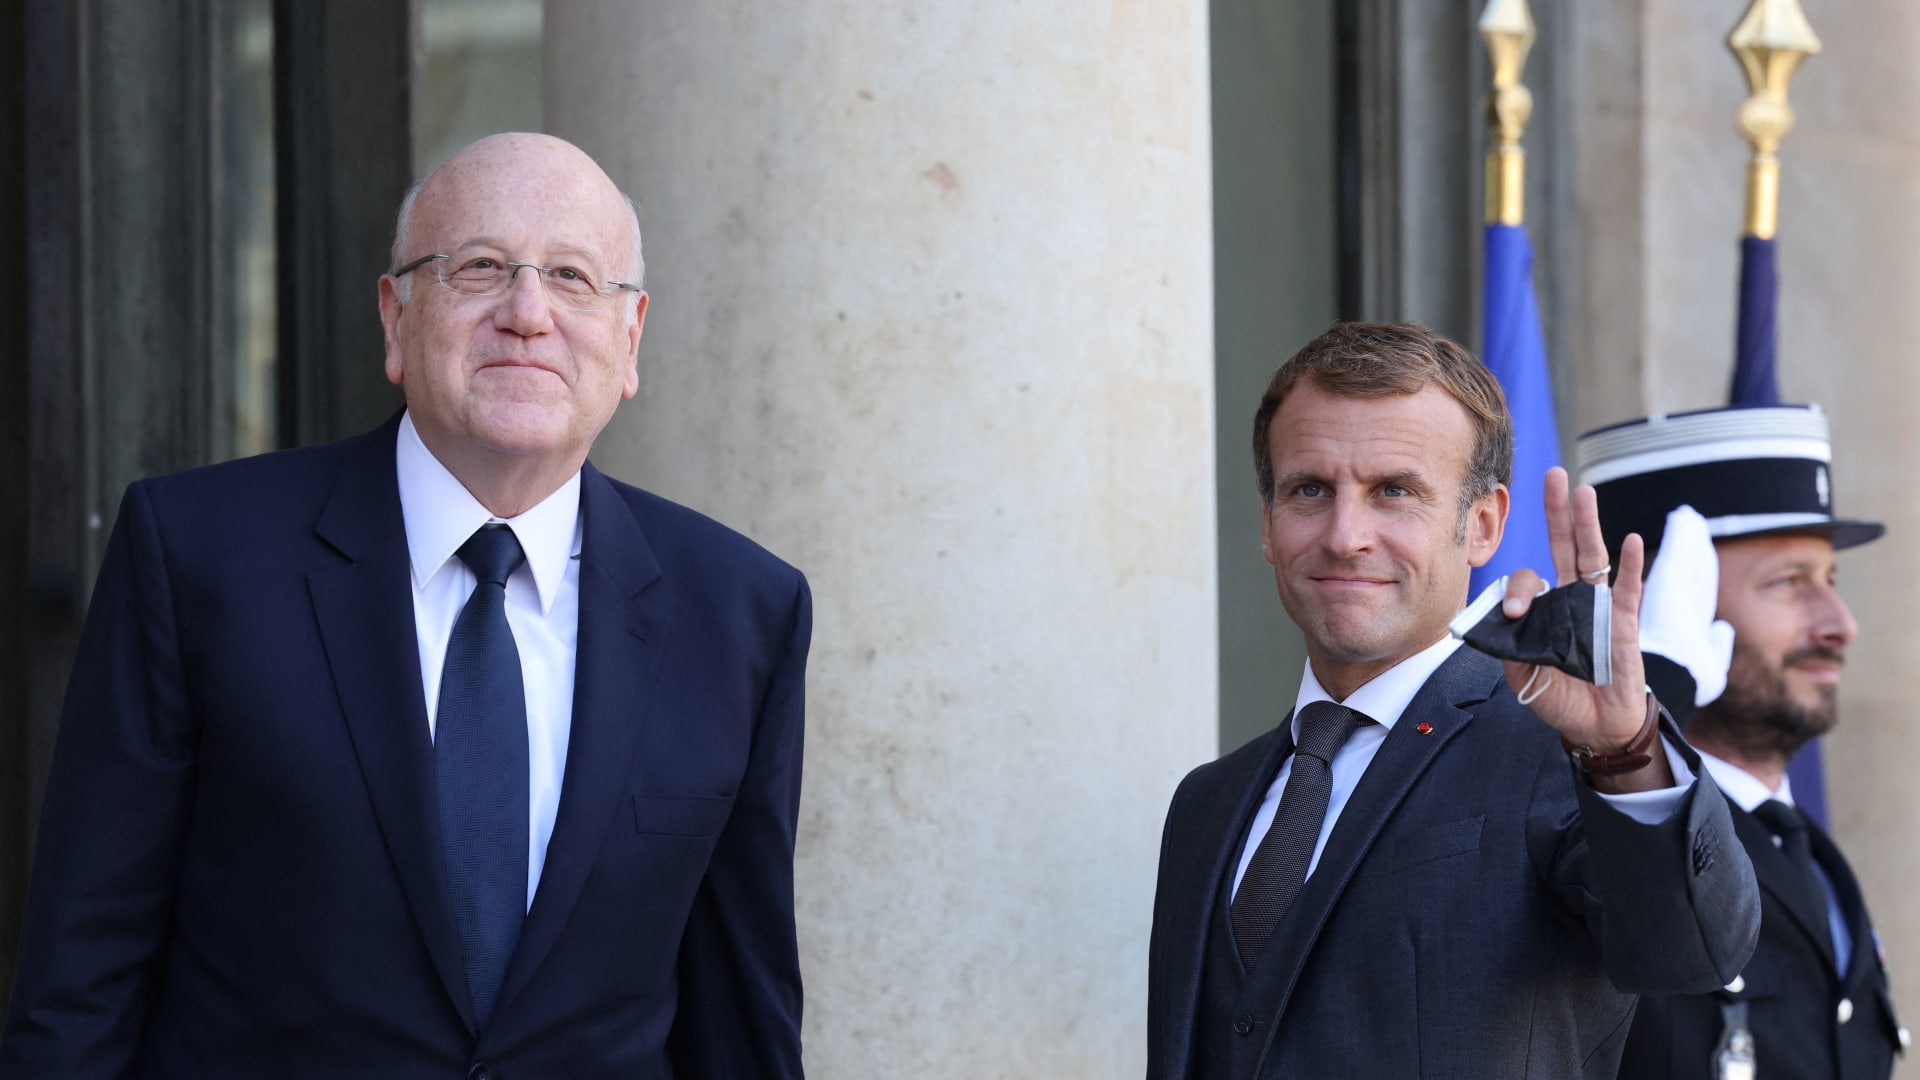 رئيس وزراء لبنان يجري مشاورات مع الرئيس الفرنسي.. وماكرون يحذر من عدم حدوث إصلاحات